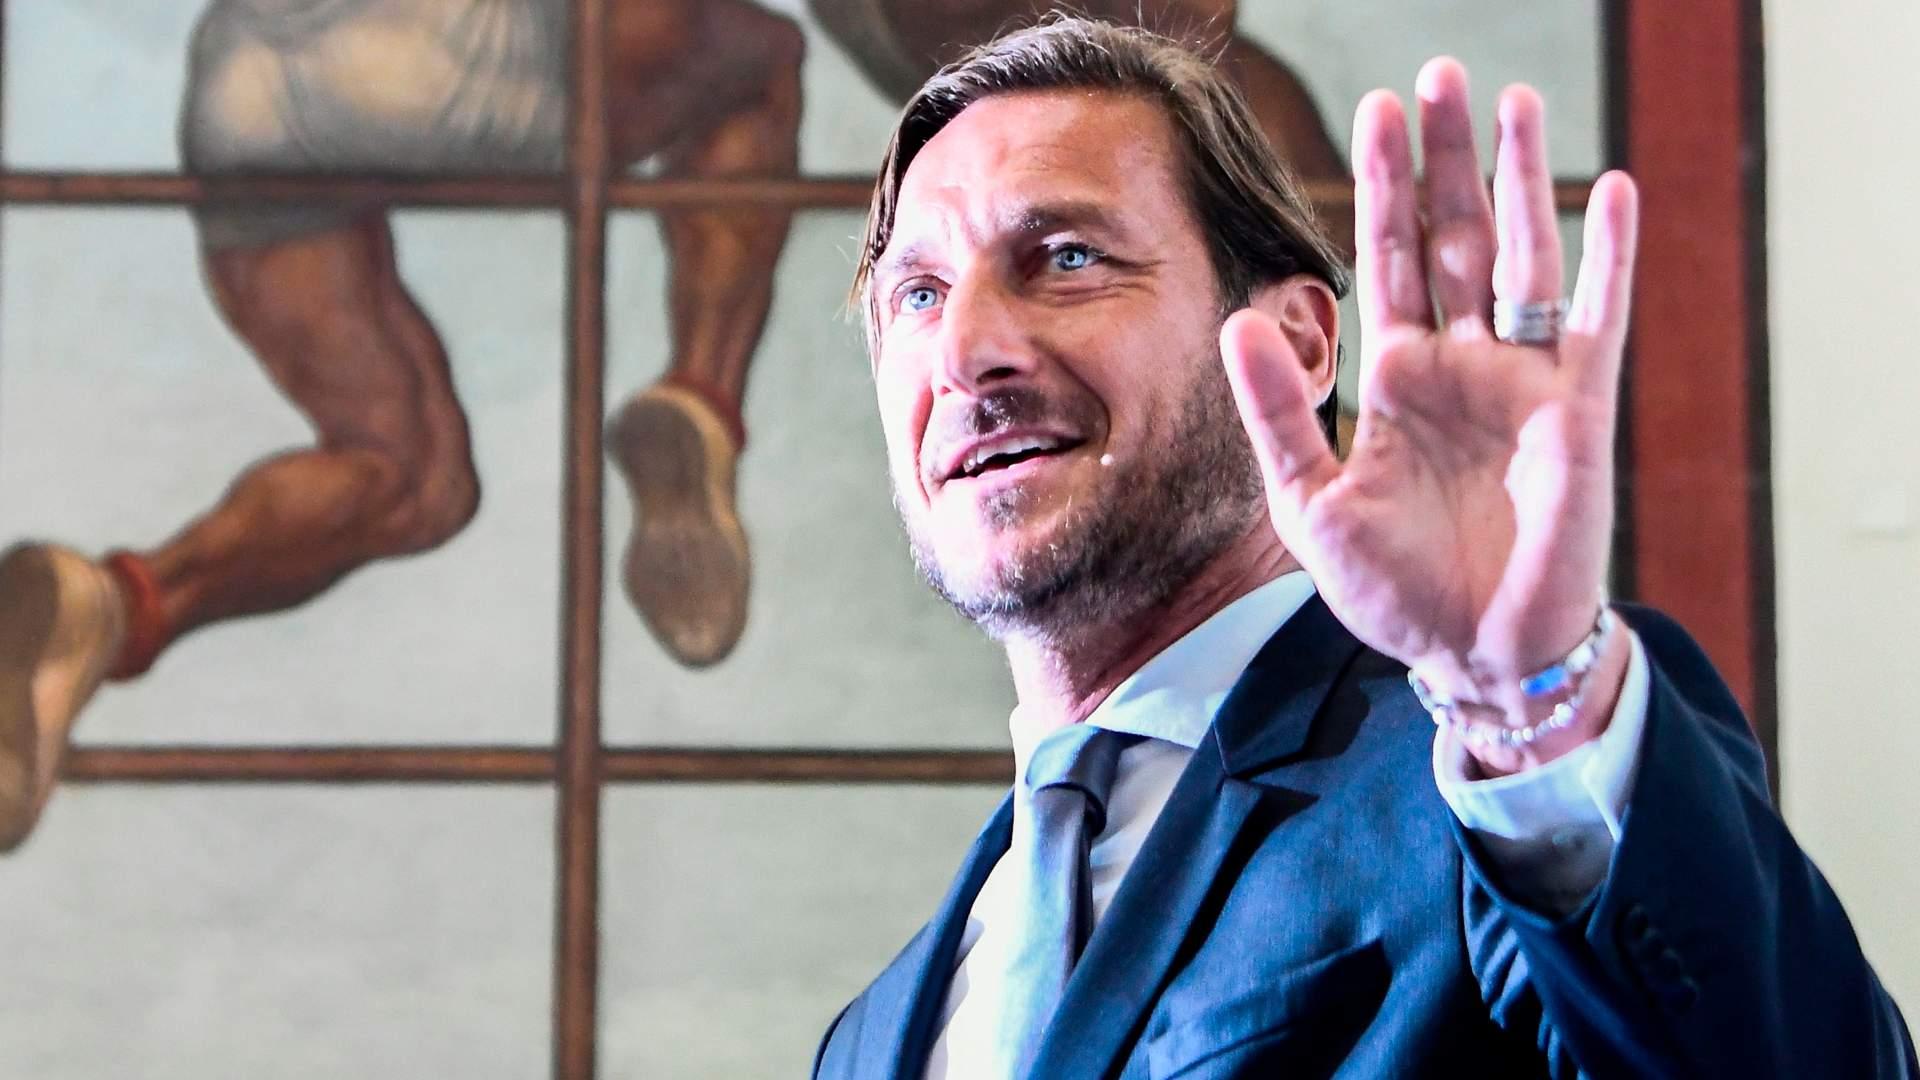 Enigma risolto: Francesco Totti sarà protagonista di Celebrity Hunted Italia